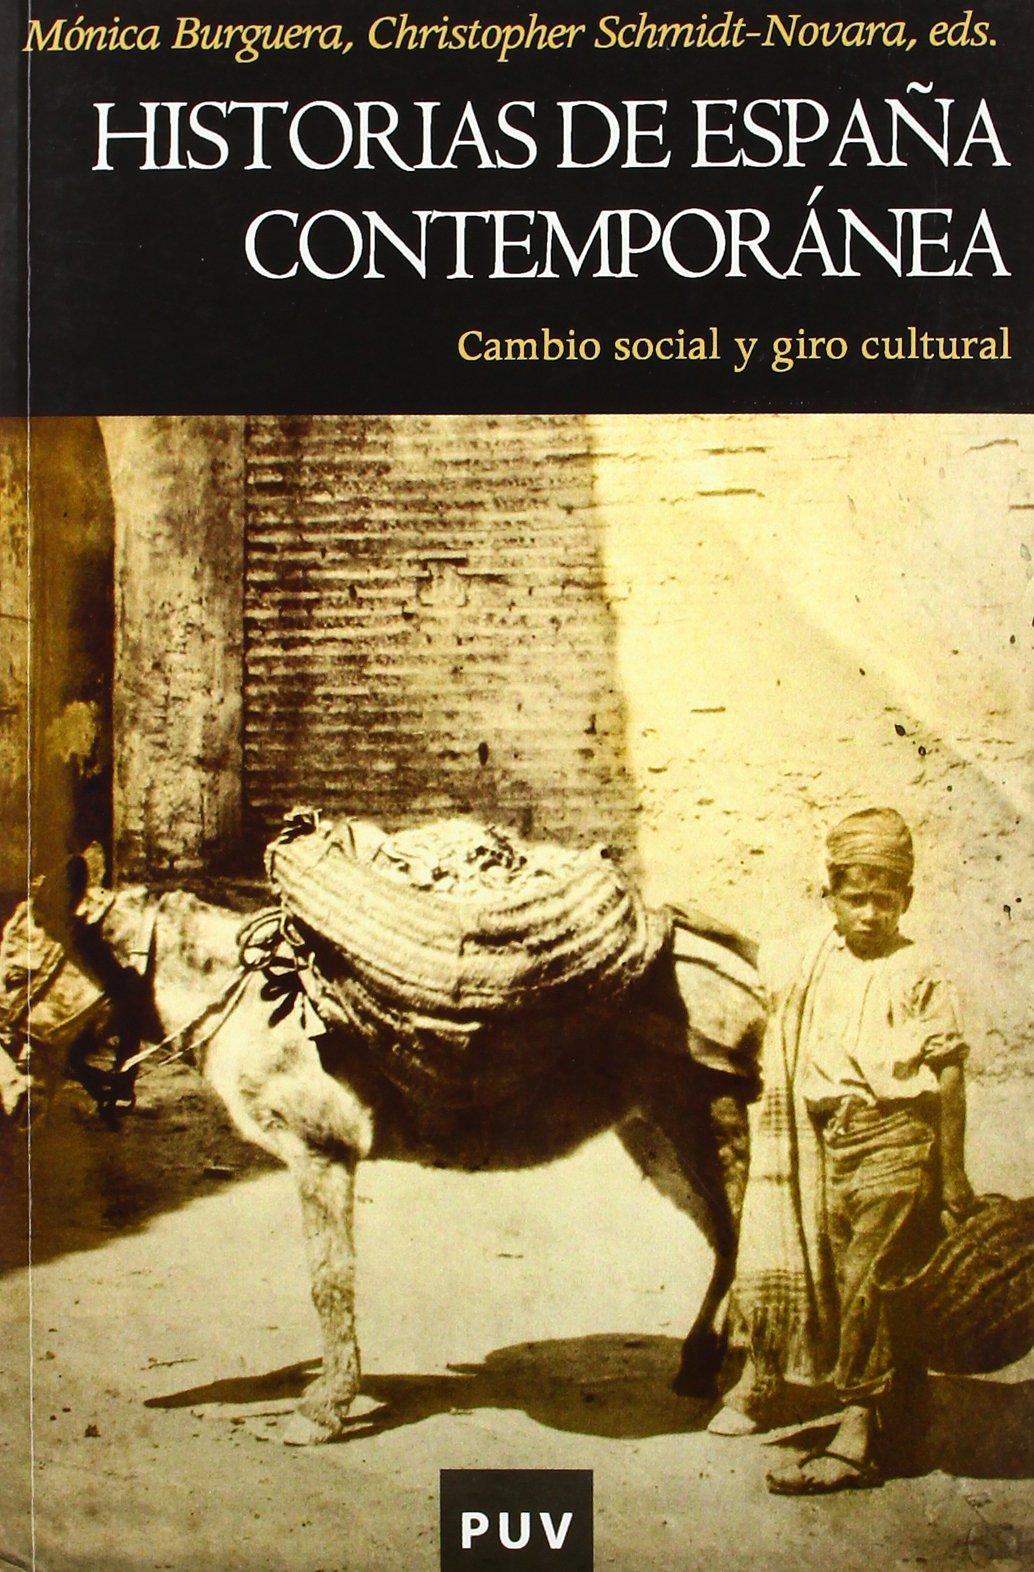 Historias de España contemporánea: Cambio social y giro cultural: 45 Història: Amazon.es: Burguera, Mónica: Libros